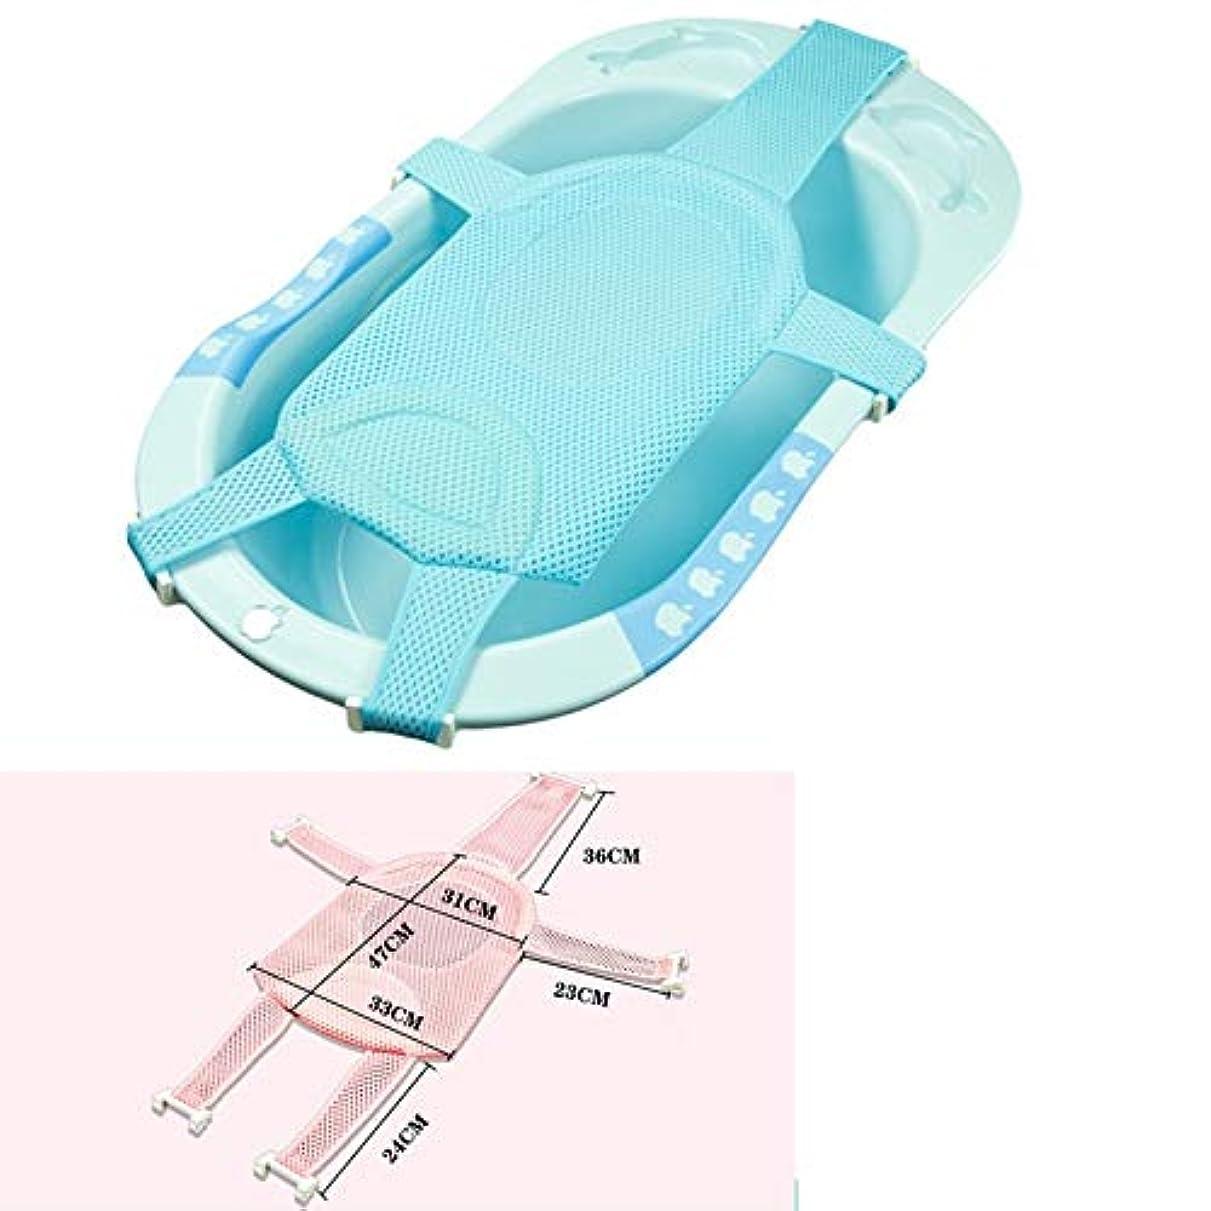 枕抽象広告主SMART 漫画ポータブル赤ちゃんノンスリップバスタブシャワー浴槽マット新生児安全セキュリティバスエアクッション折りたたみソフト枕シート クッション 椅子